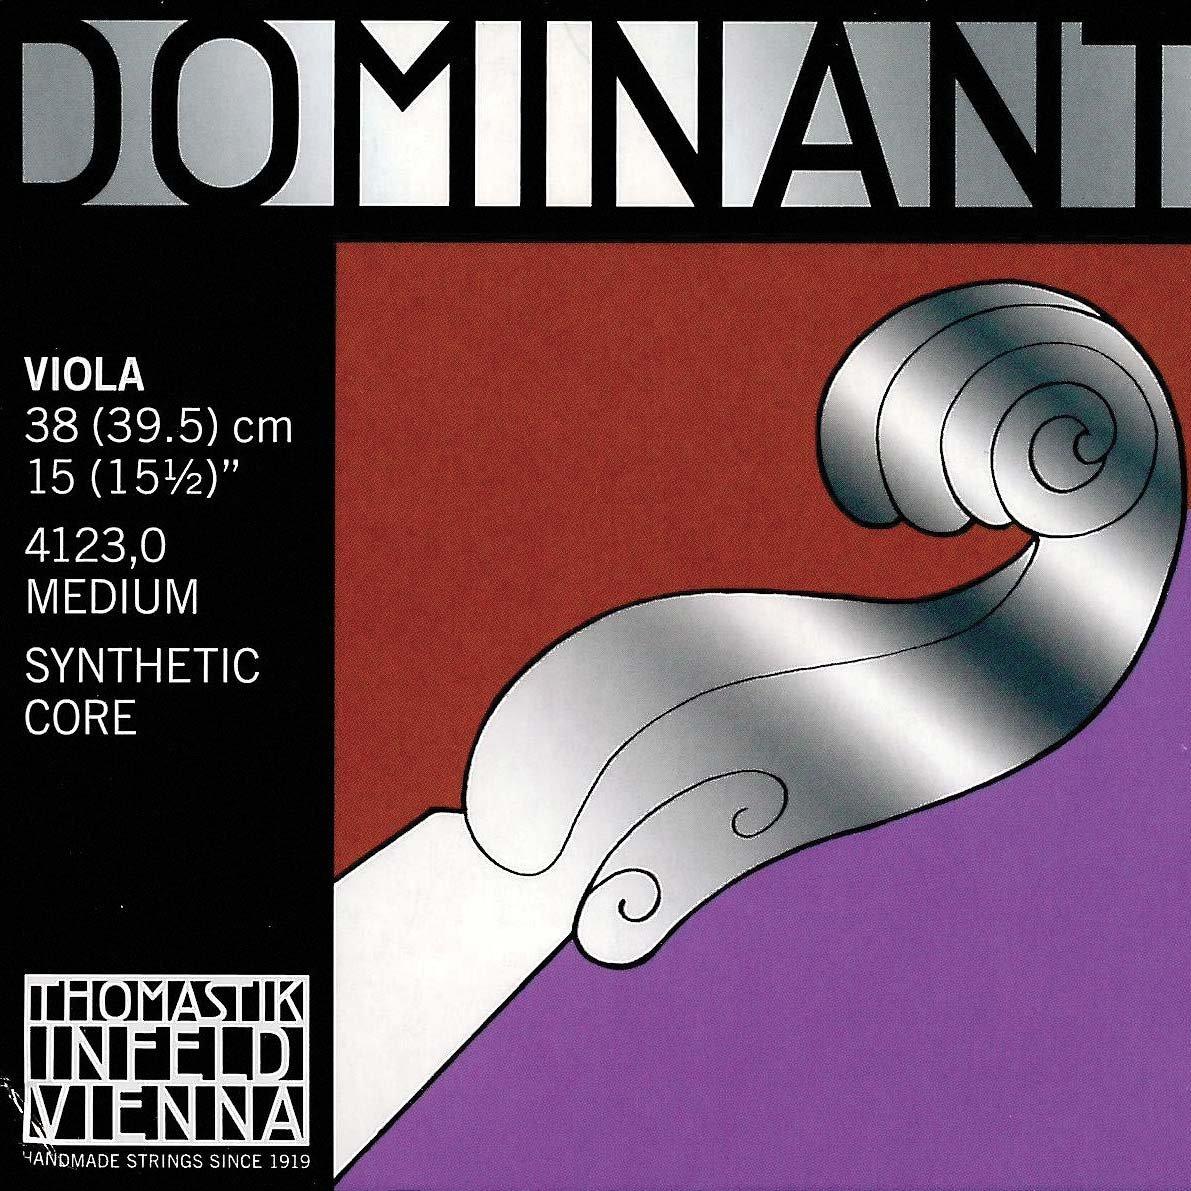 Dominant 16''-17'' Viola String Set - Medium Gauge - Thomastik Infeld